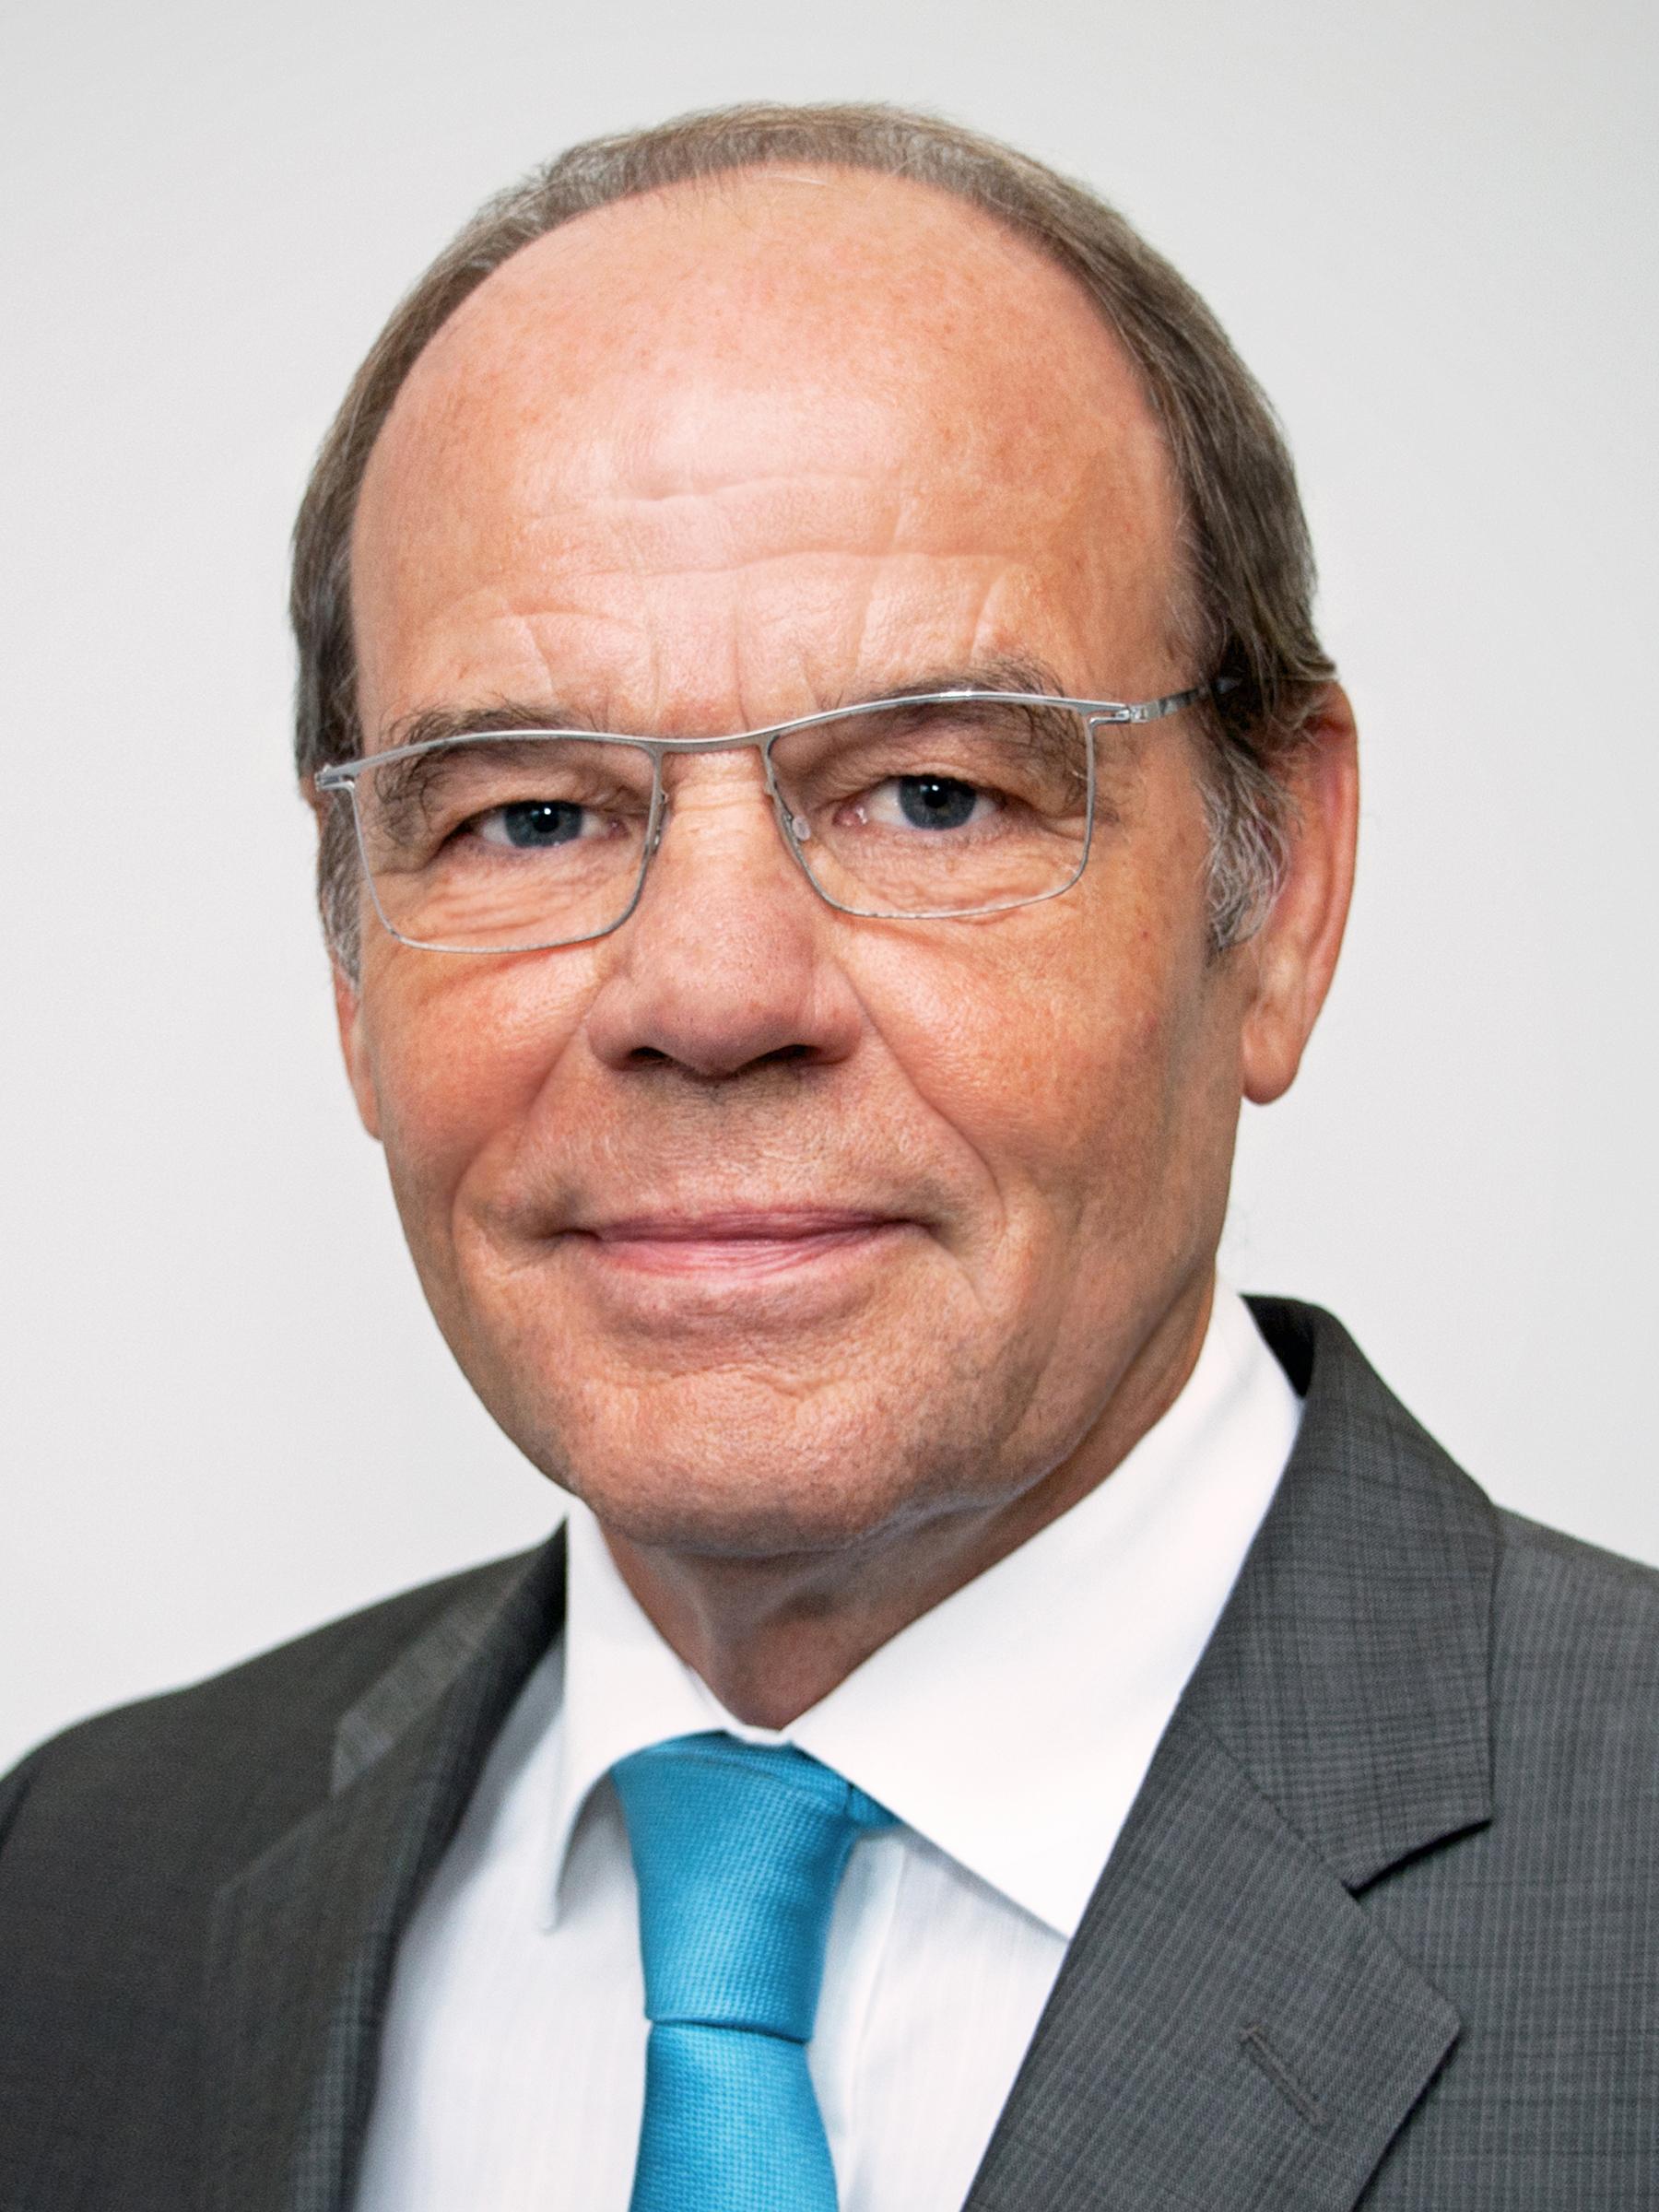 Dr. Peter Biesenbach